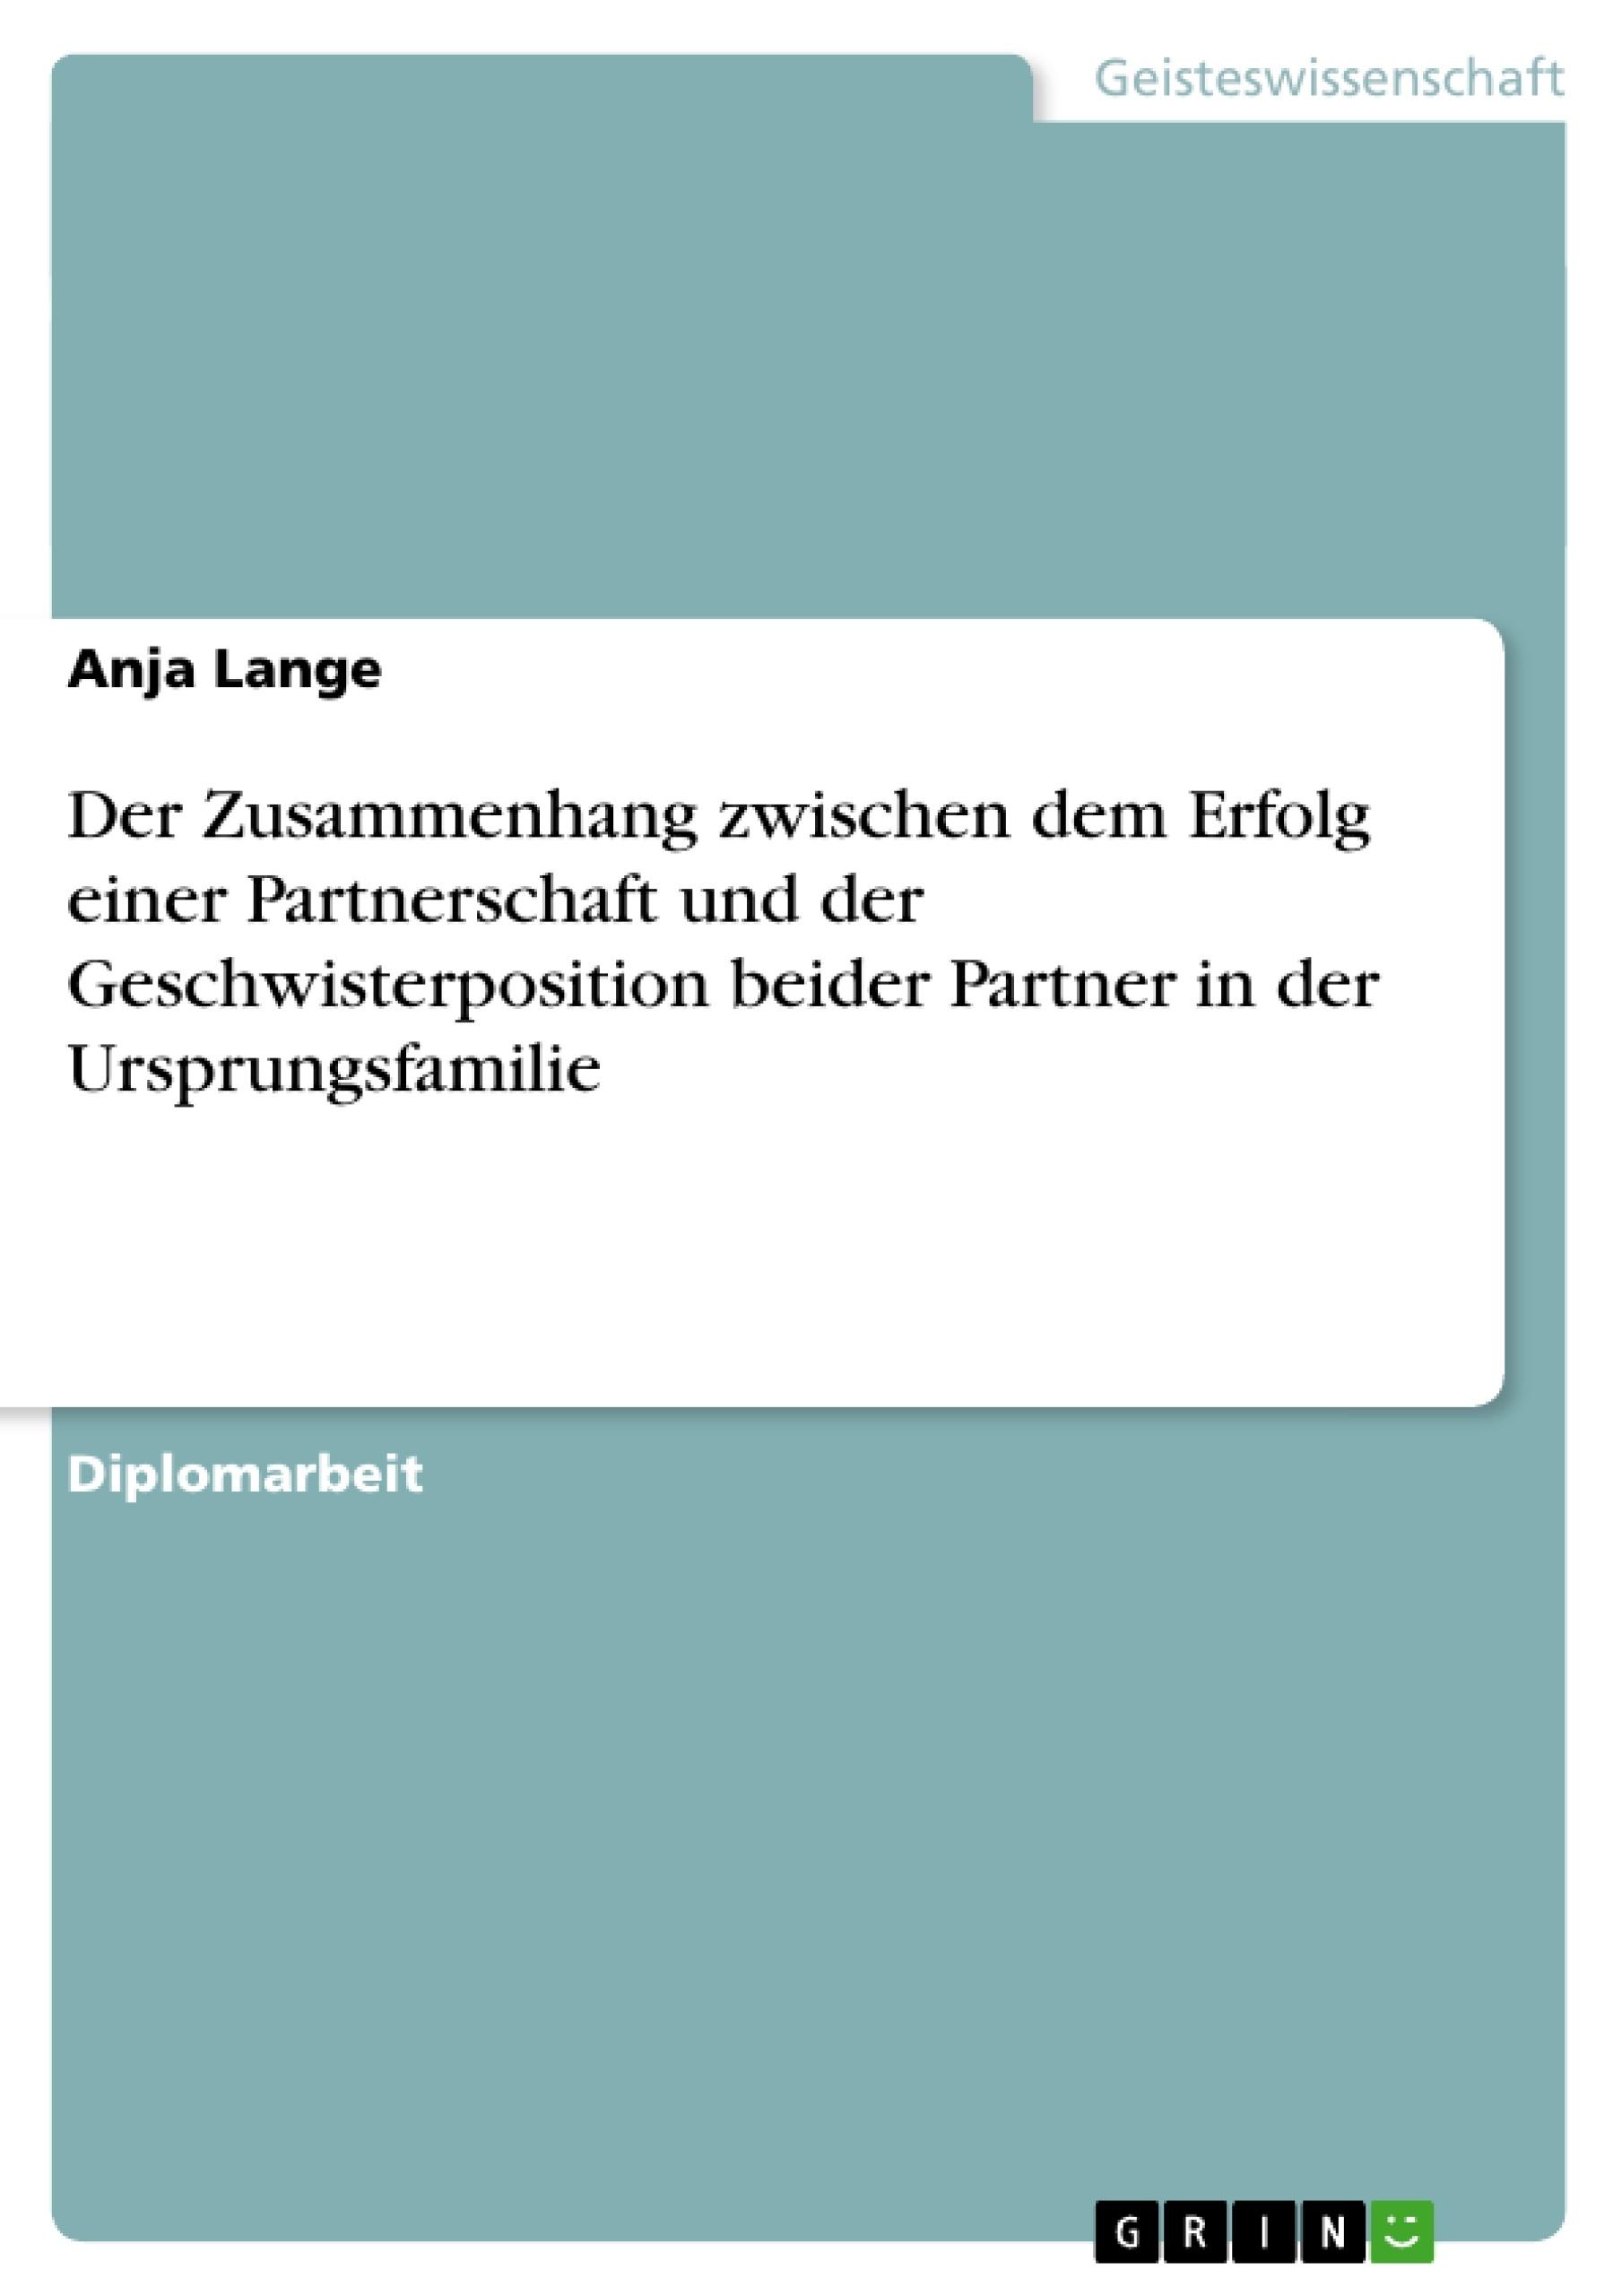 Titel: Der Zusammenhang zwischen dem Erfolg einer Partnerschaft und der Geschwisterposition beider Partner in der Ursprungsfamilie